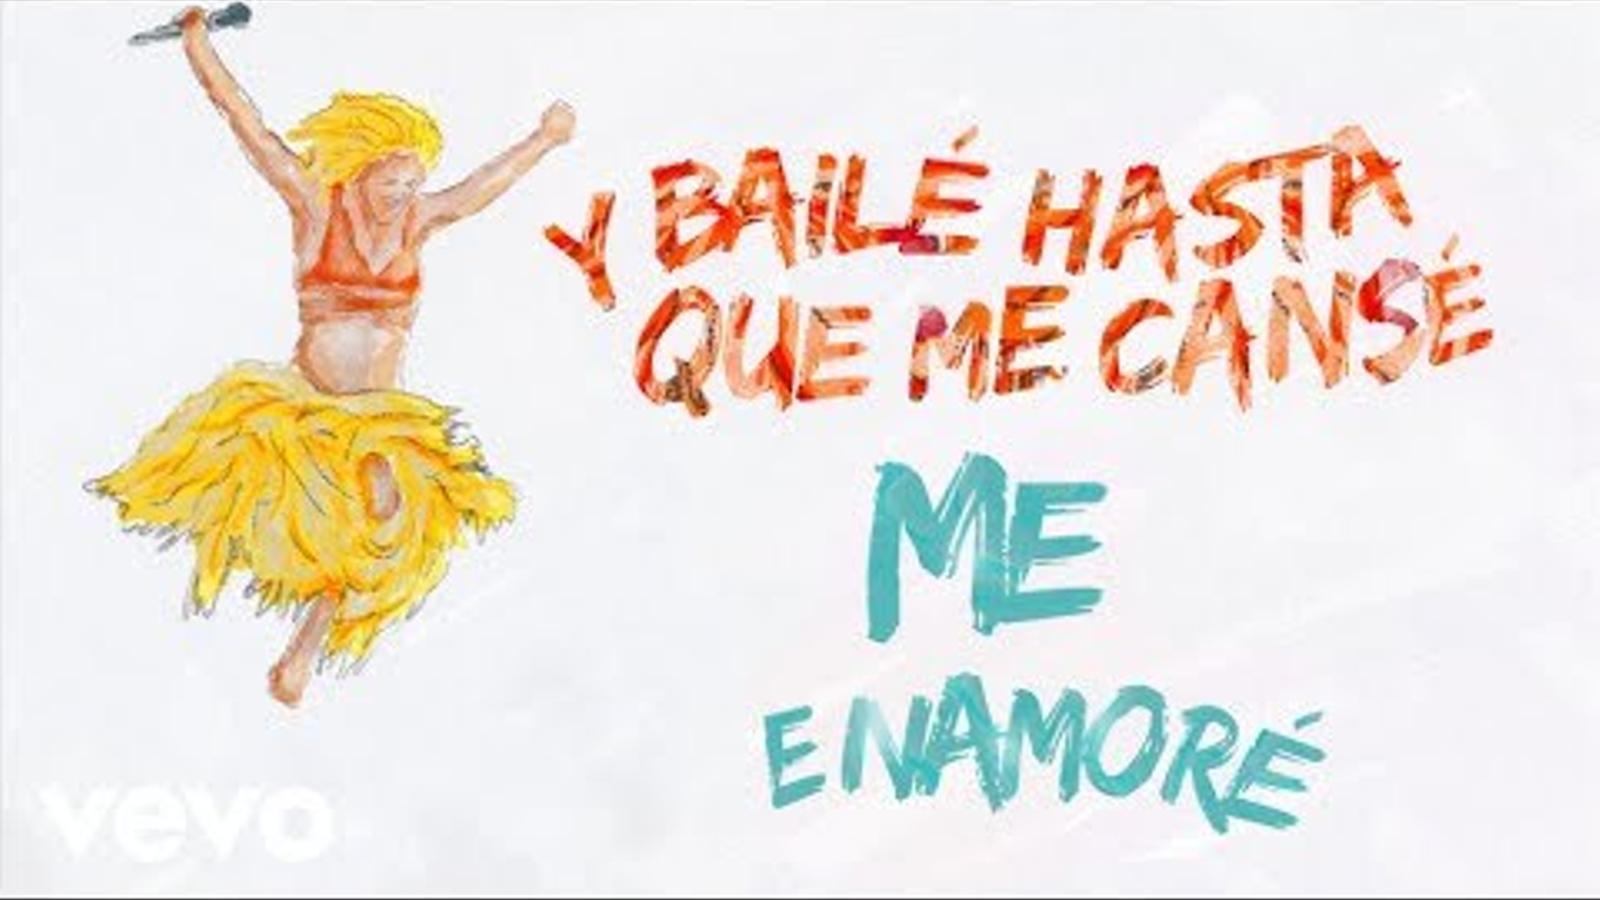 Shakira dedica el darrer senzill, 'Me enamoré', a Gerard Piqué